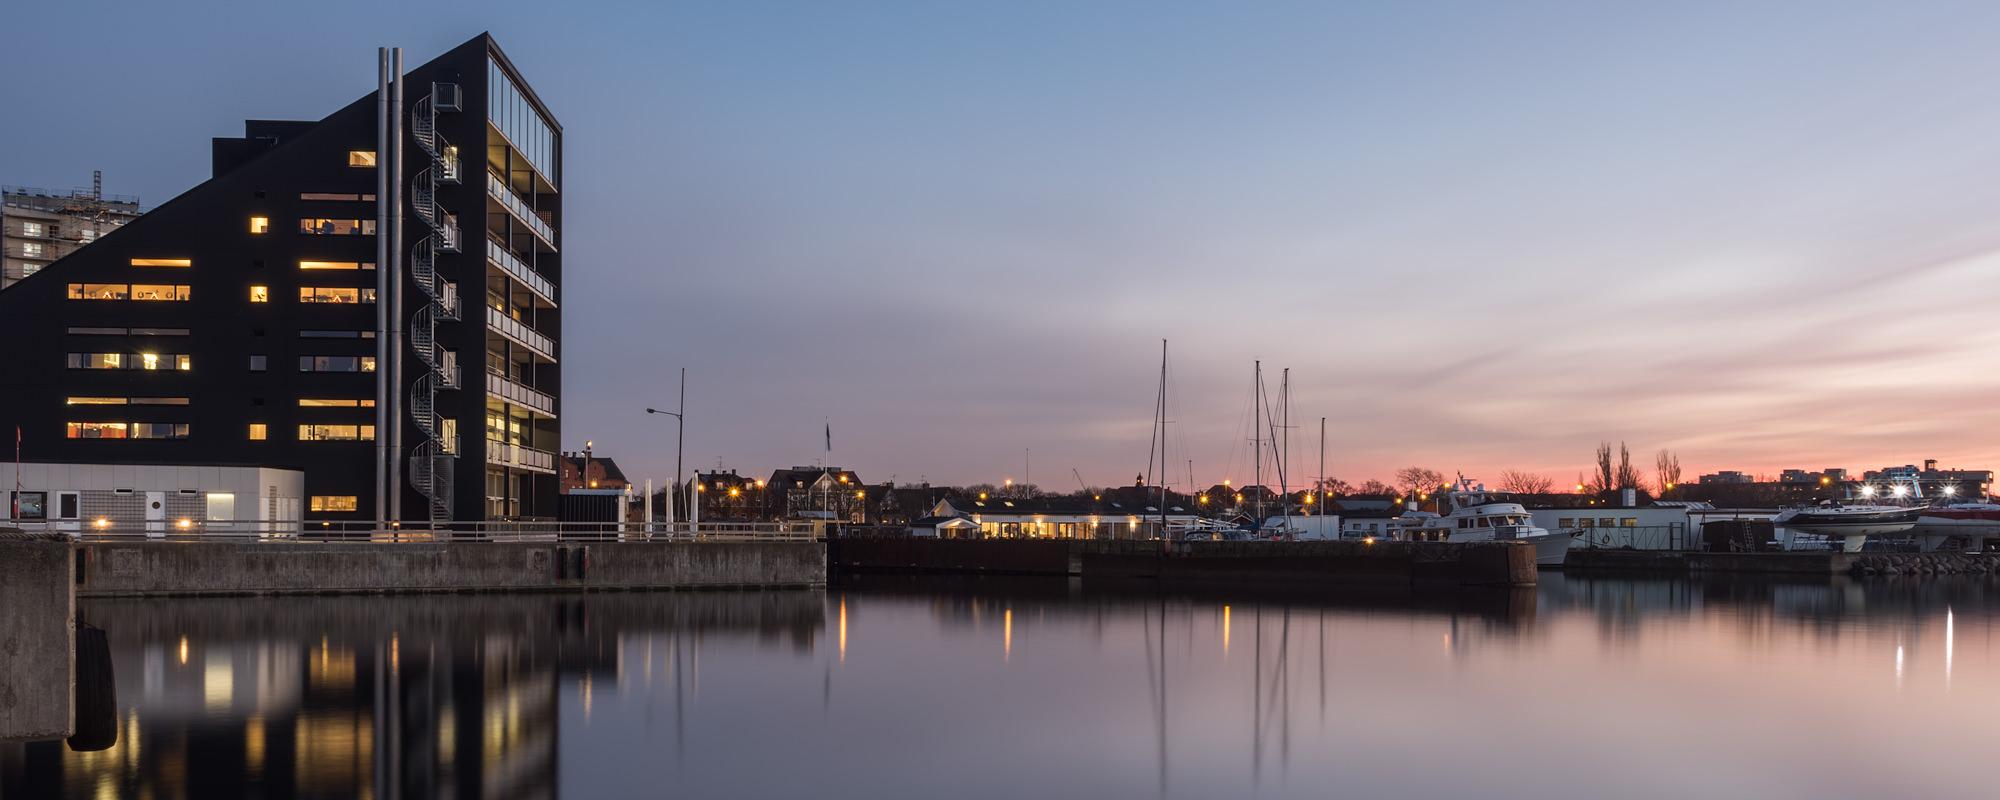 Dragörkajen på Limhamn av Marcus KS